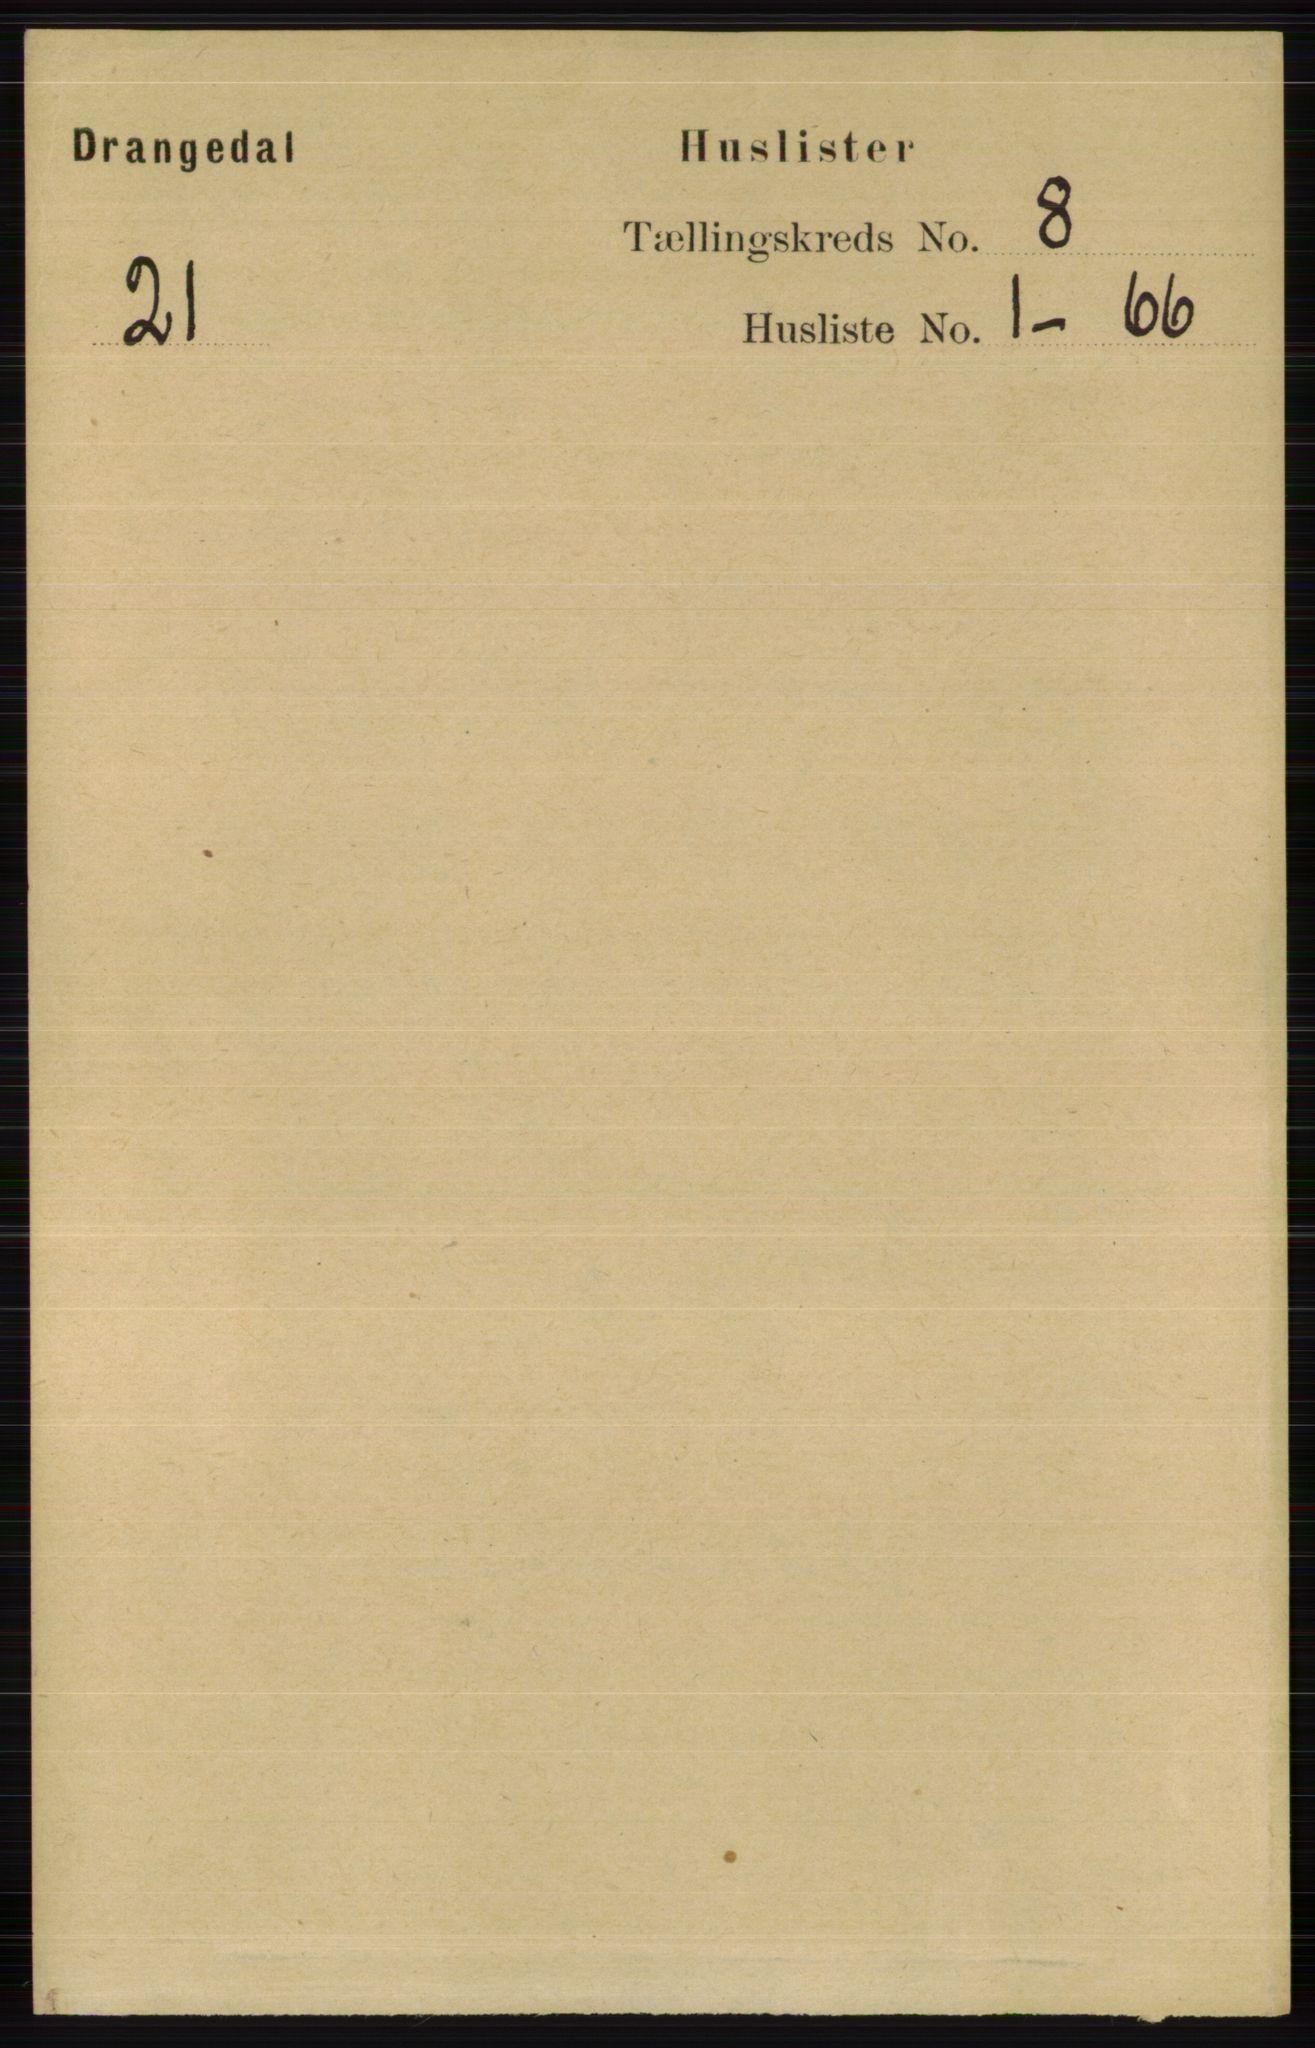 RA, Folketelling 1891 for 0817 Drangedal herred, 1891, s. 2574